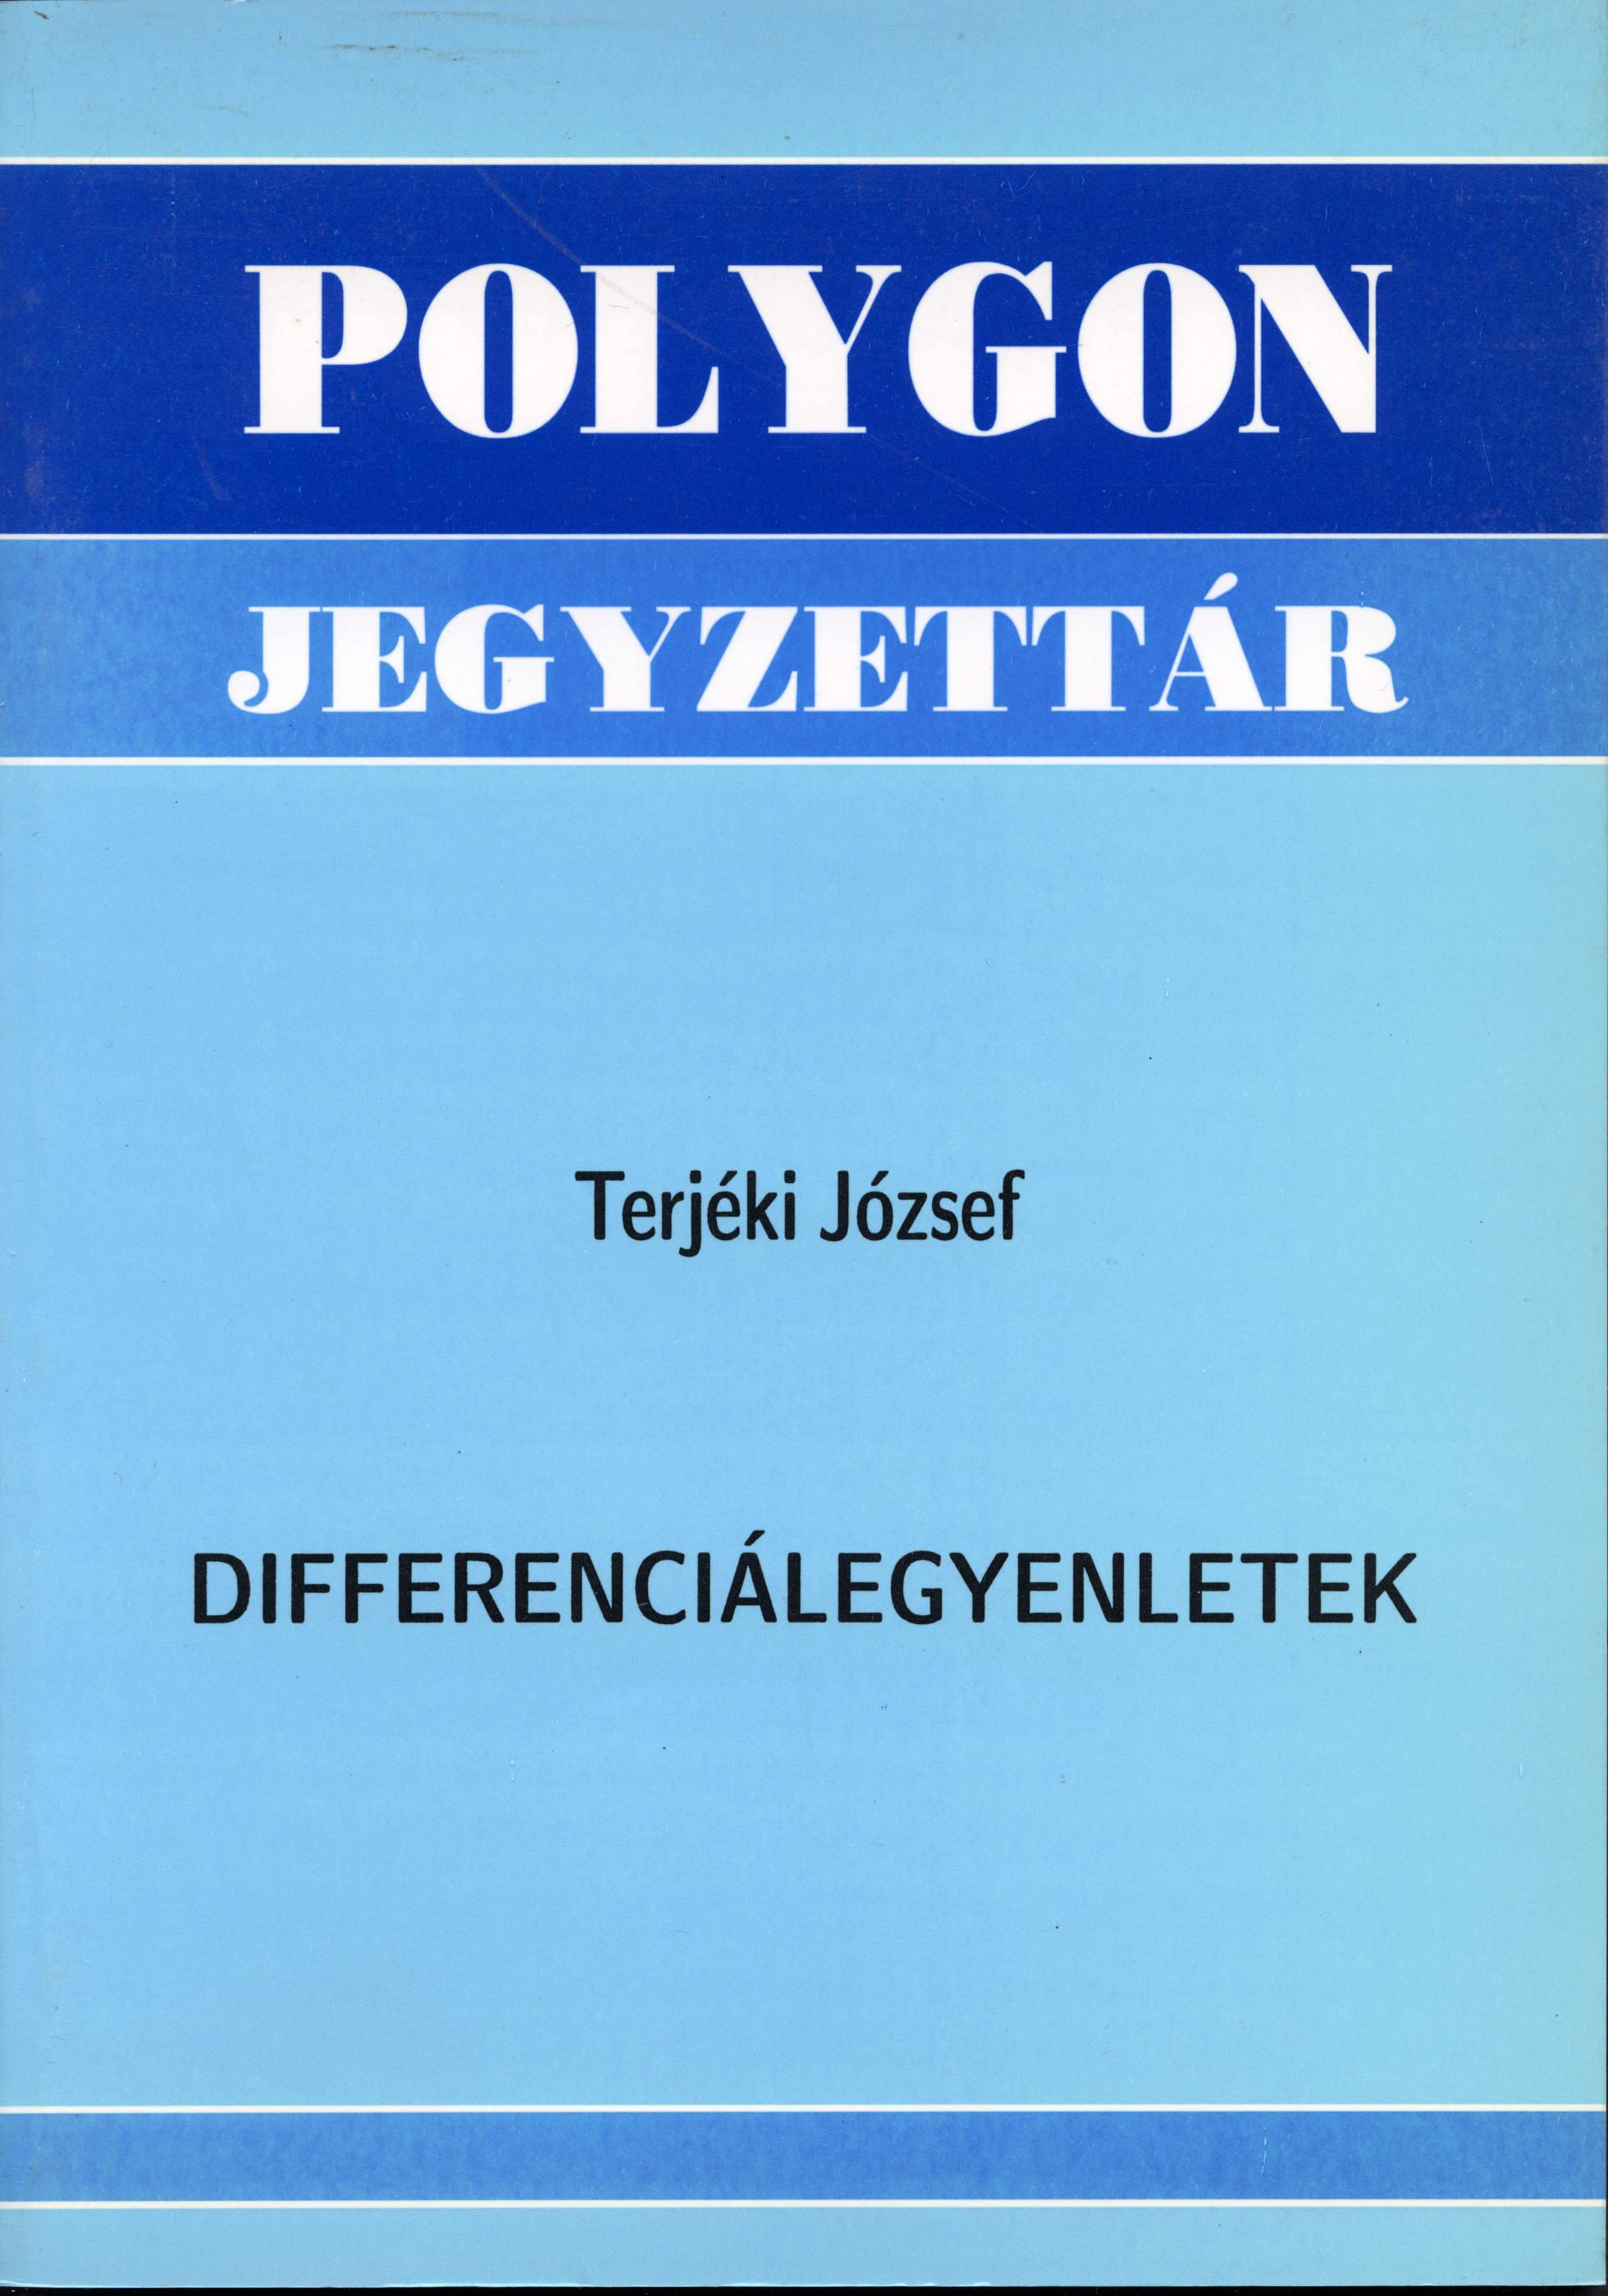 Differenciálegyenletek - Polygon jegyzet